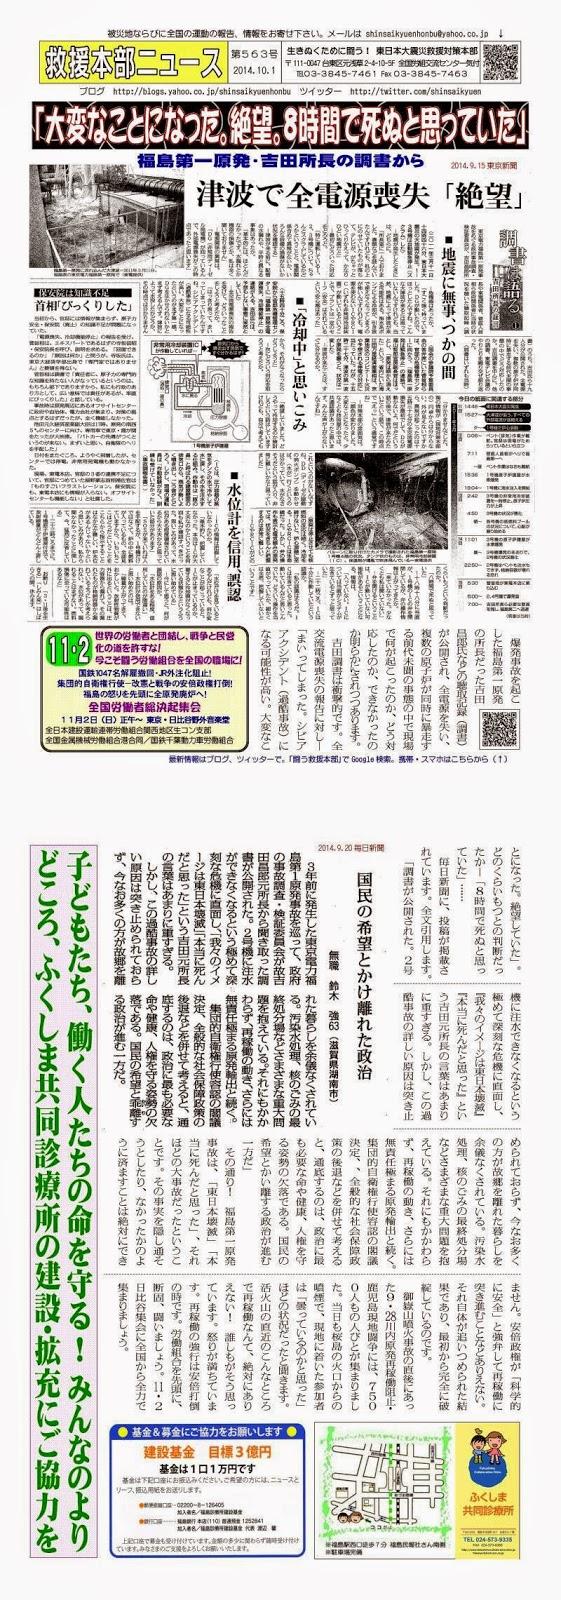 http://blogs.yahoo.co.jp/shinsaikyuenhonbu/12608524.html